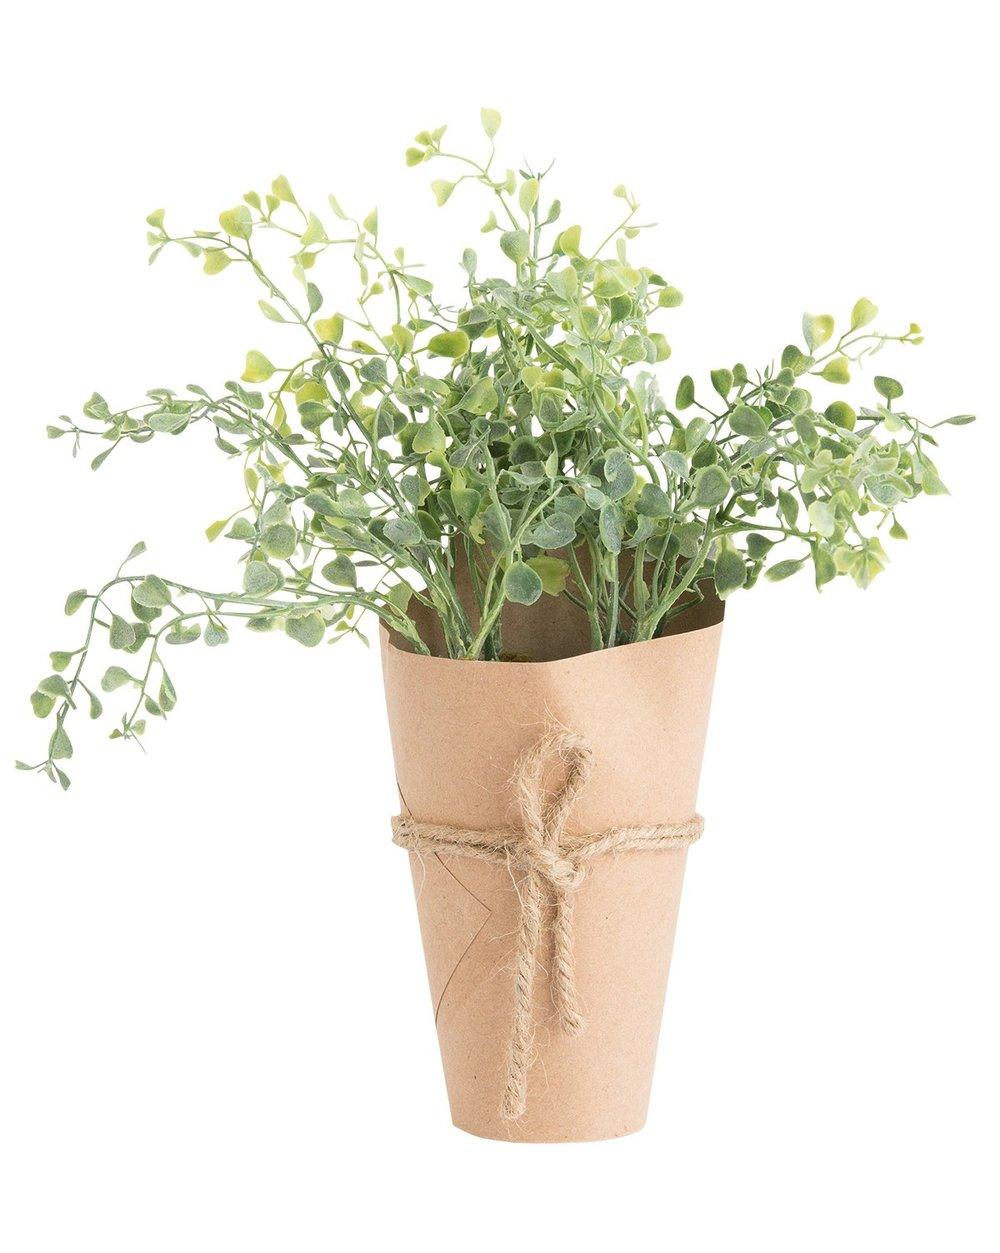 Faux_Kitchen_Herb_Arrangements_5.jpg